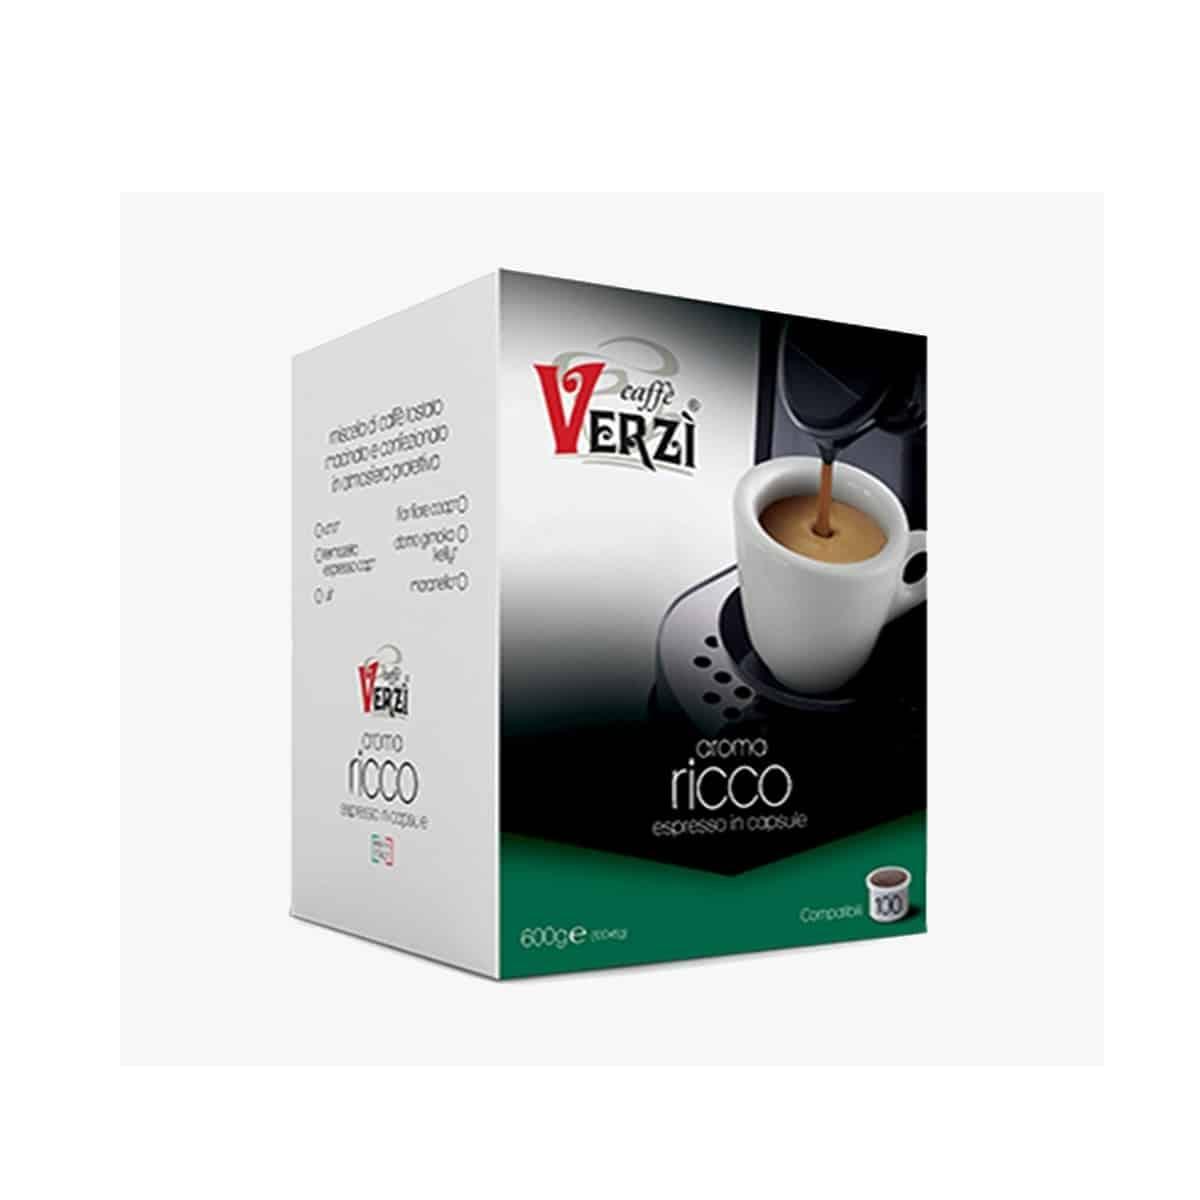 Rocard Caffè Verzi - Compatibile Fior Fiore - Miscela Ricco 100 Capsule